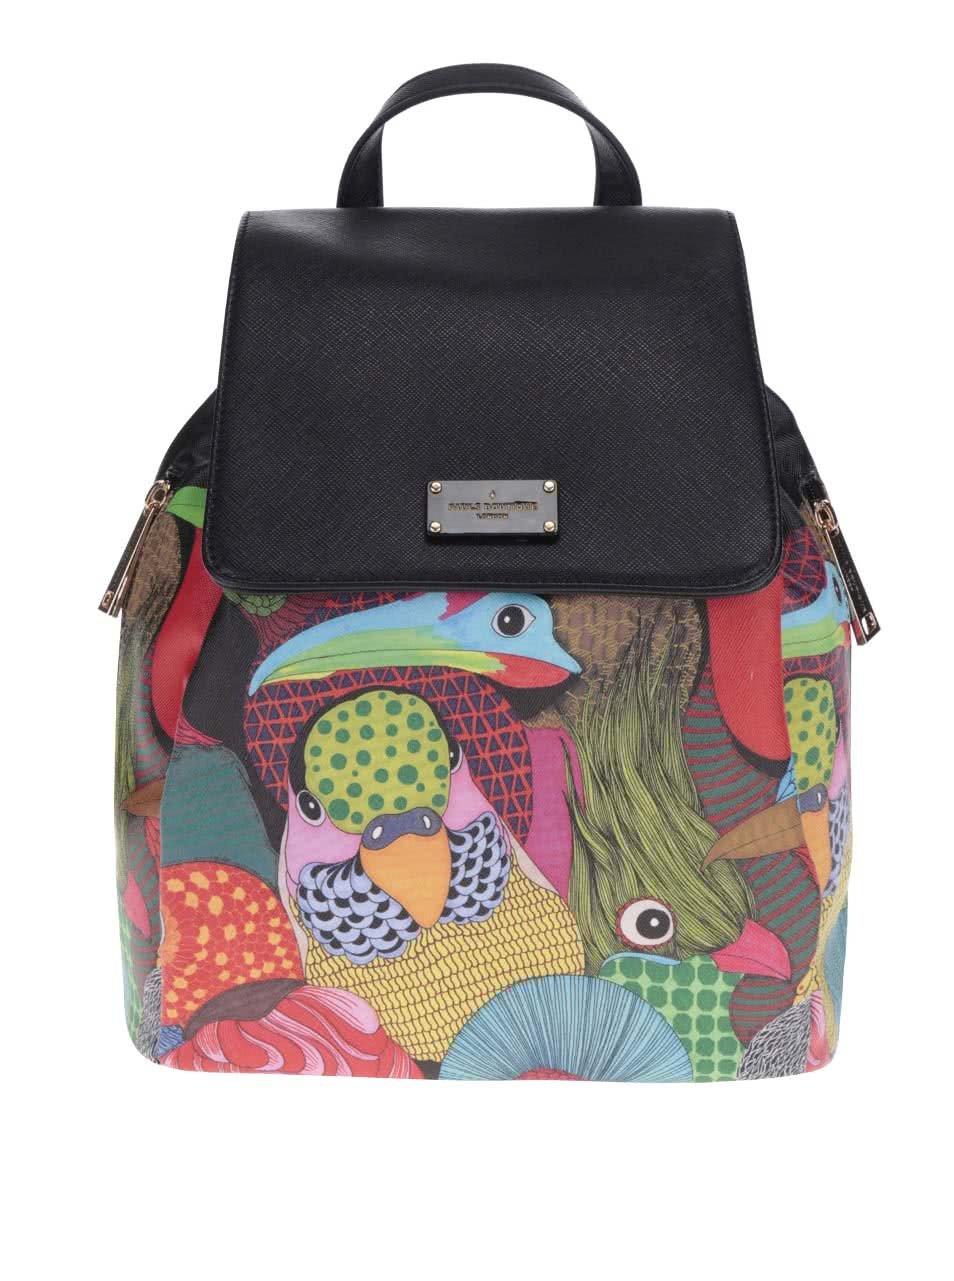 Čierny batoh s farebnou potlačou Paul's Boutique Gwyneth